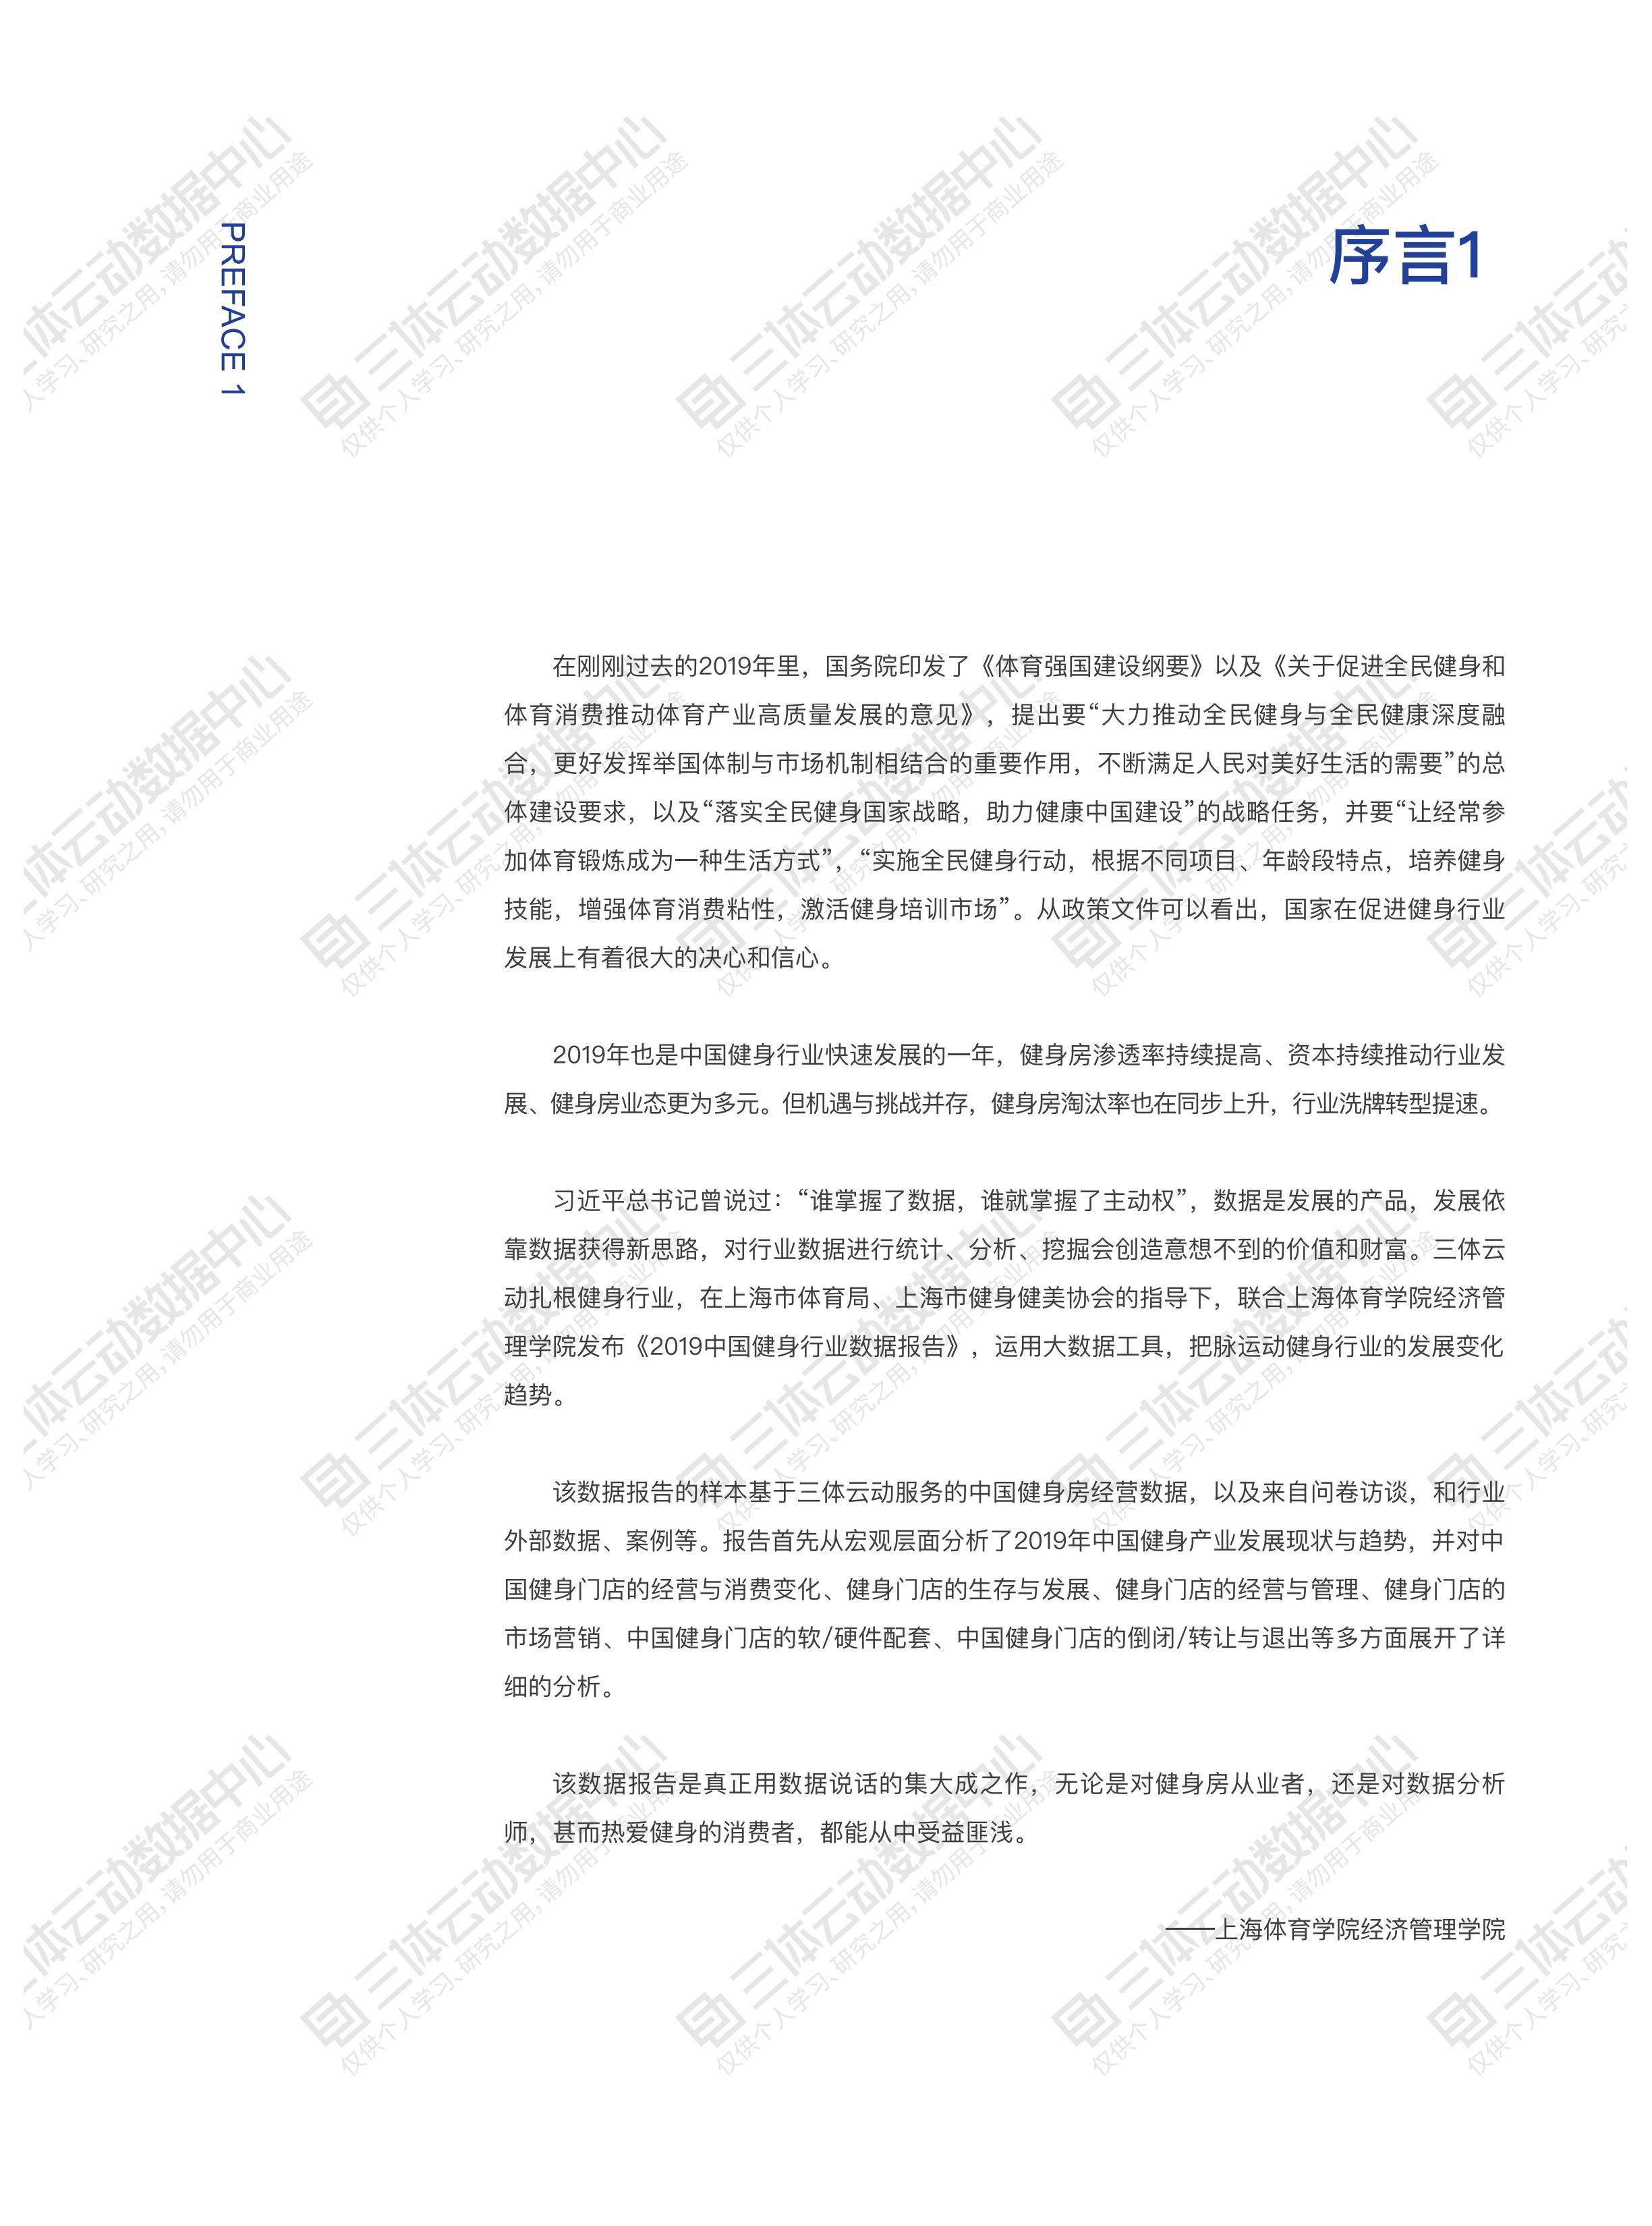 【免费下载】三体云动2019中国健身行业数据报告(简版)插图(1)